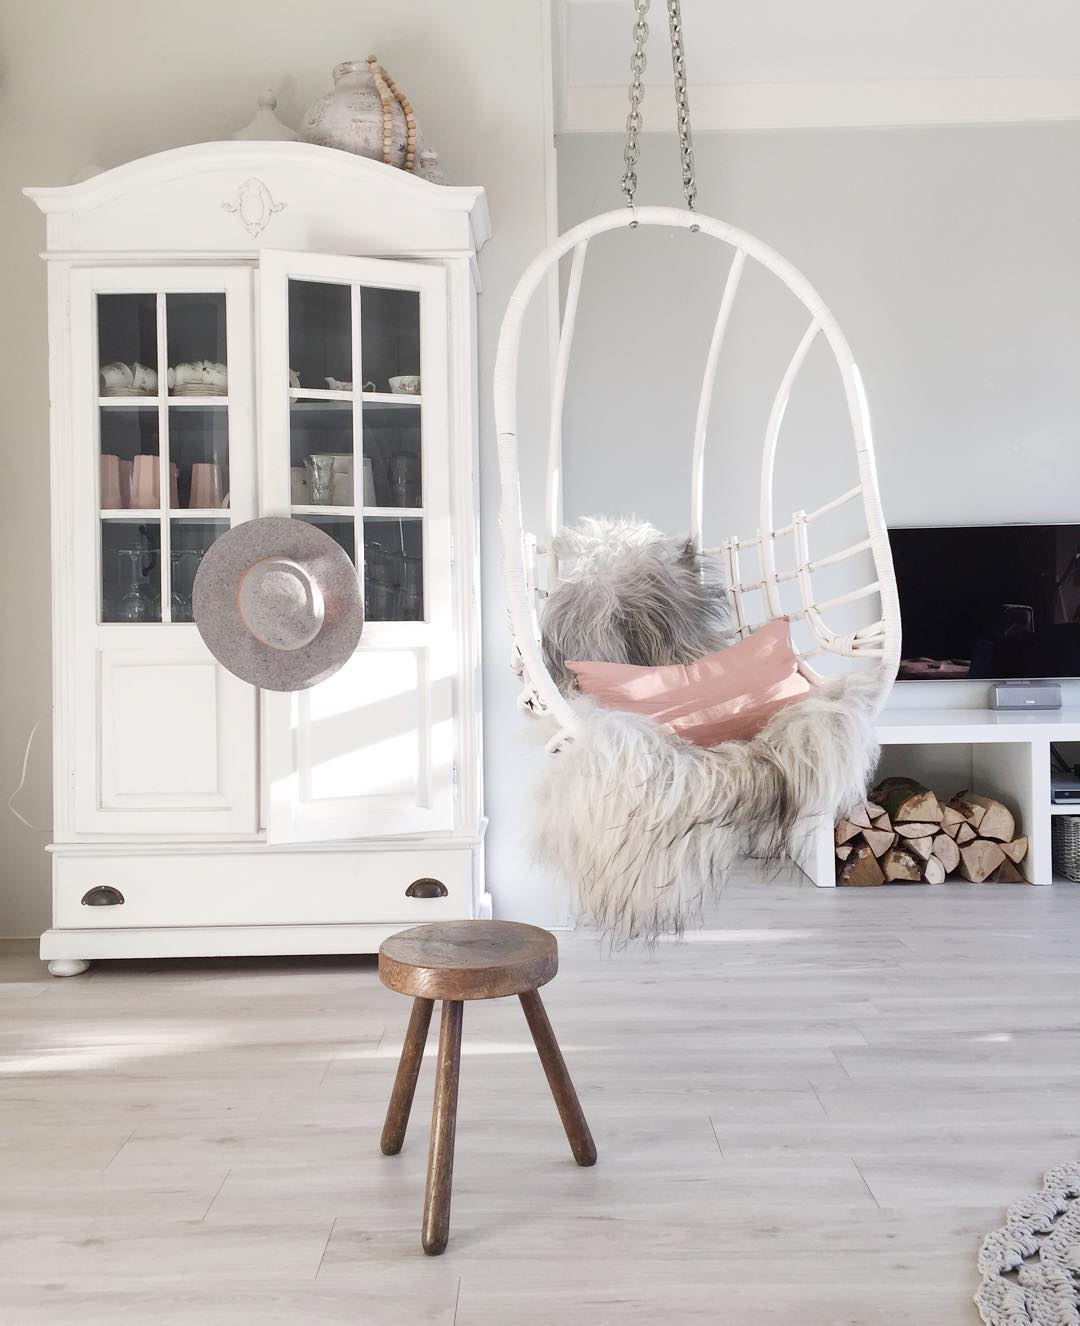 37 instagram interieur inspiratie top 5 inspiraties for Inspiratie interieur